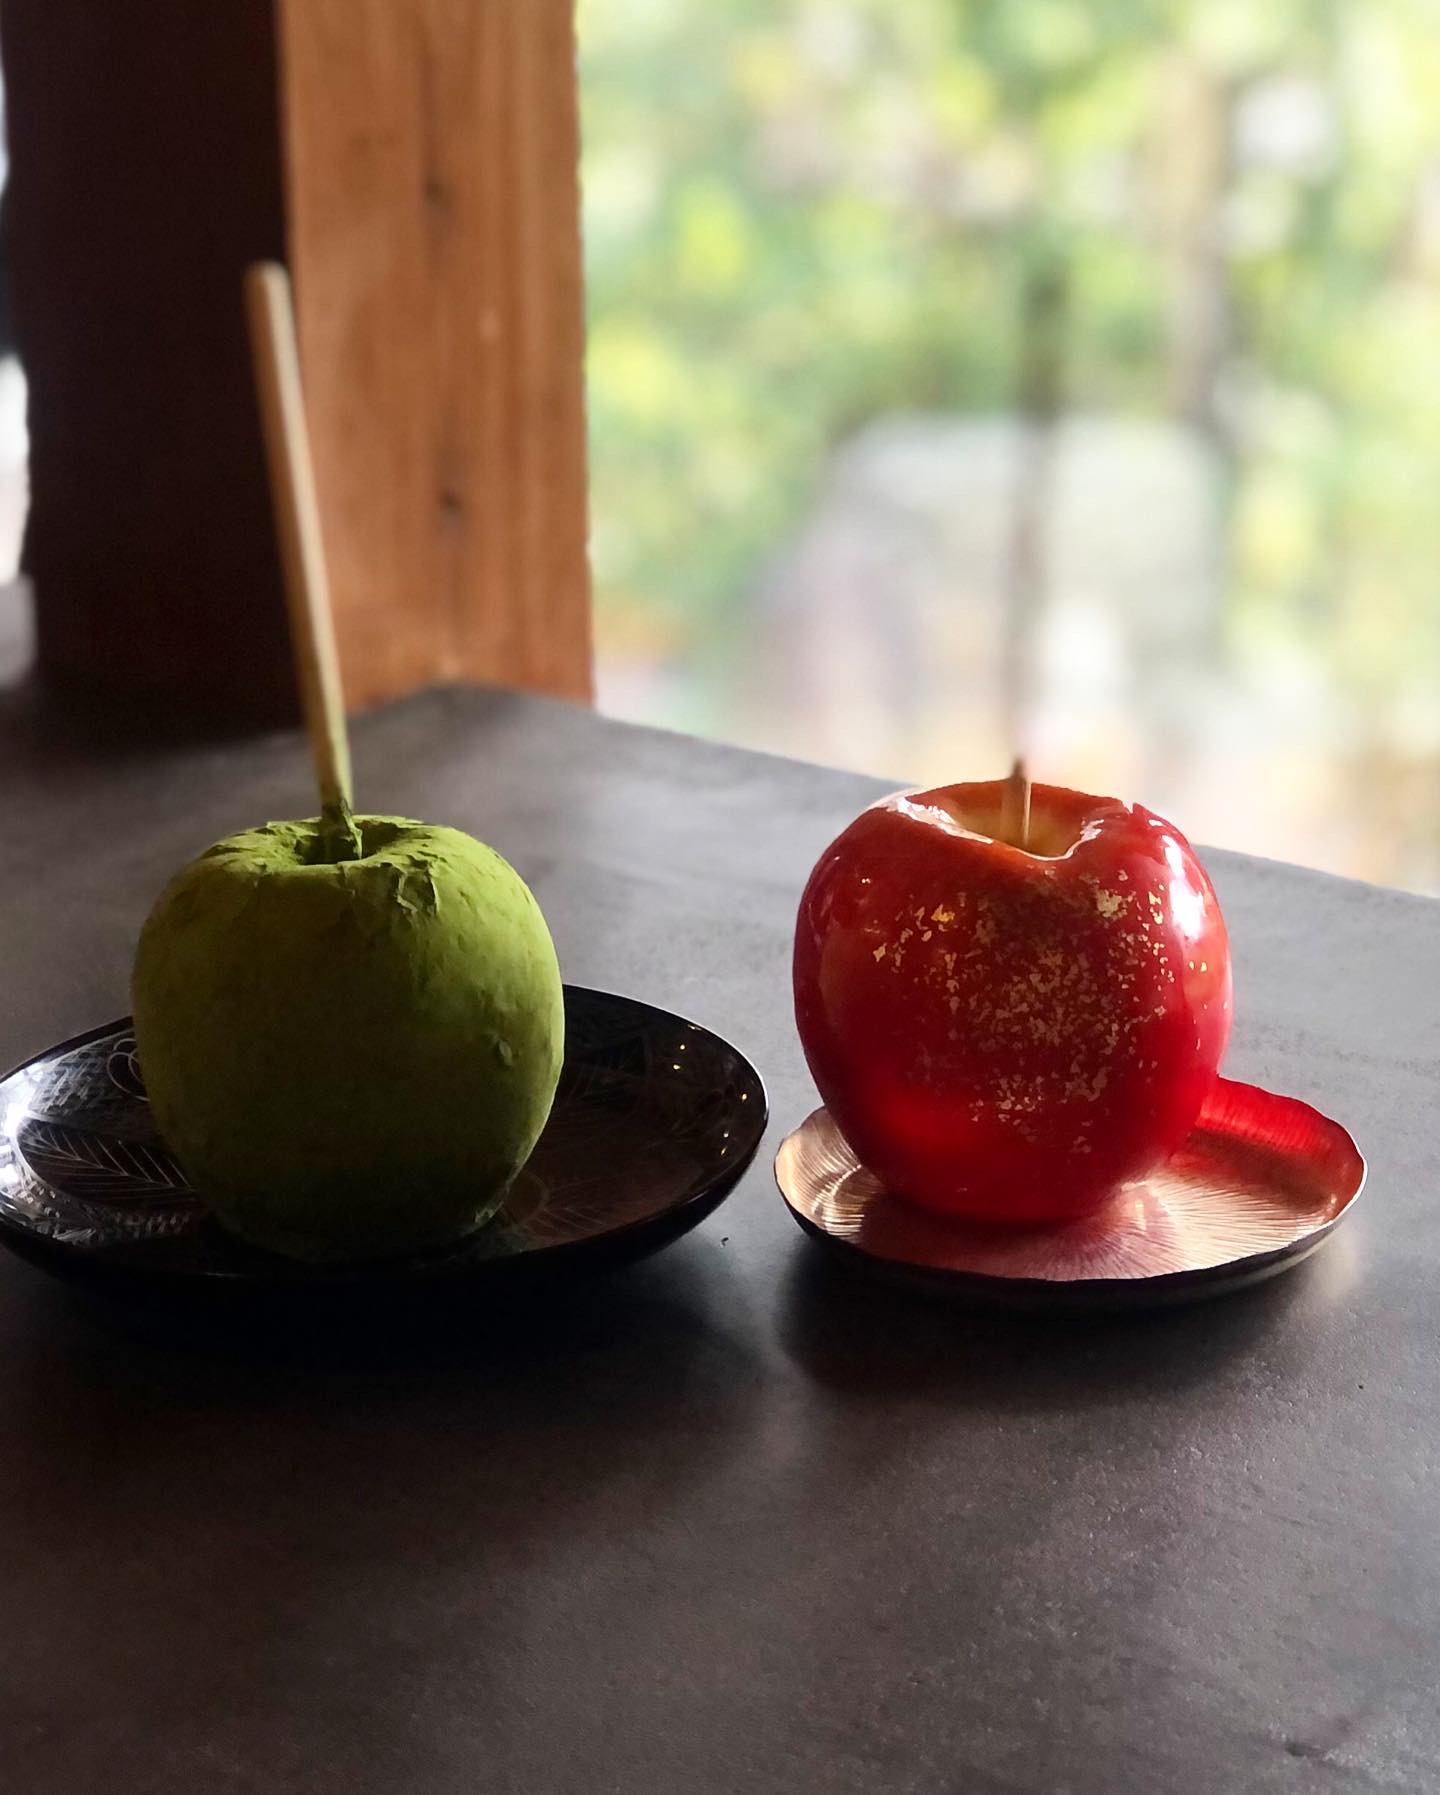 バレンタインデーにりんご飴はいかがですか?